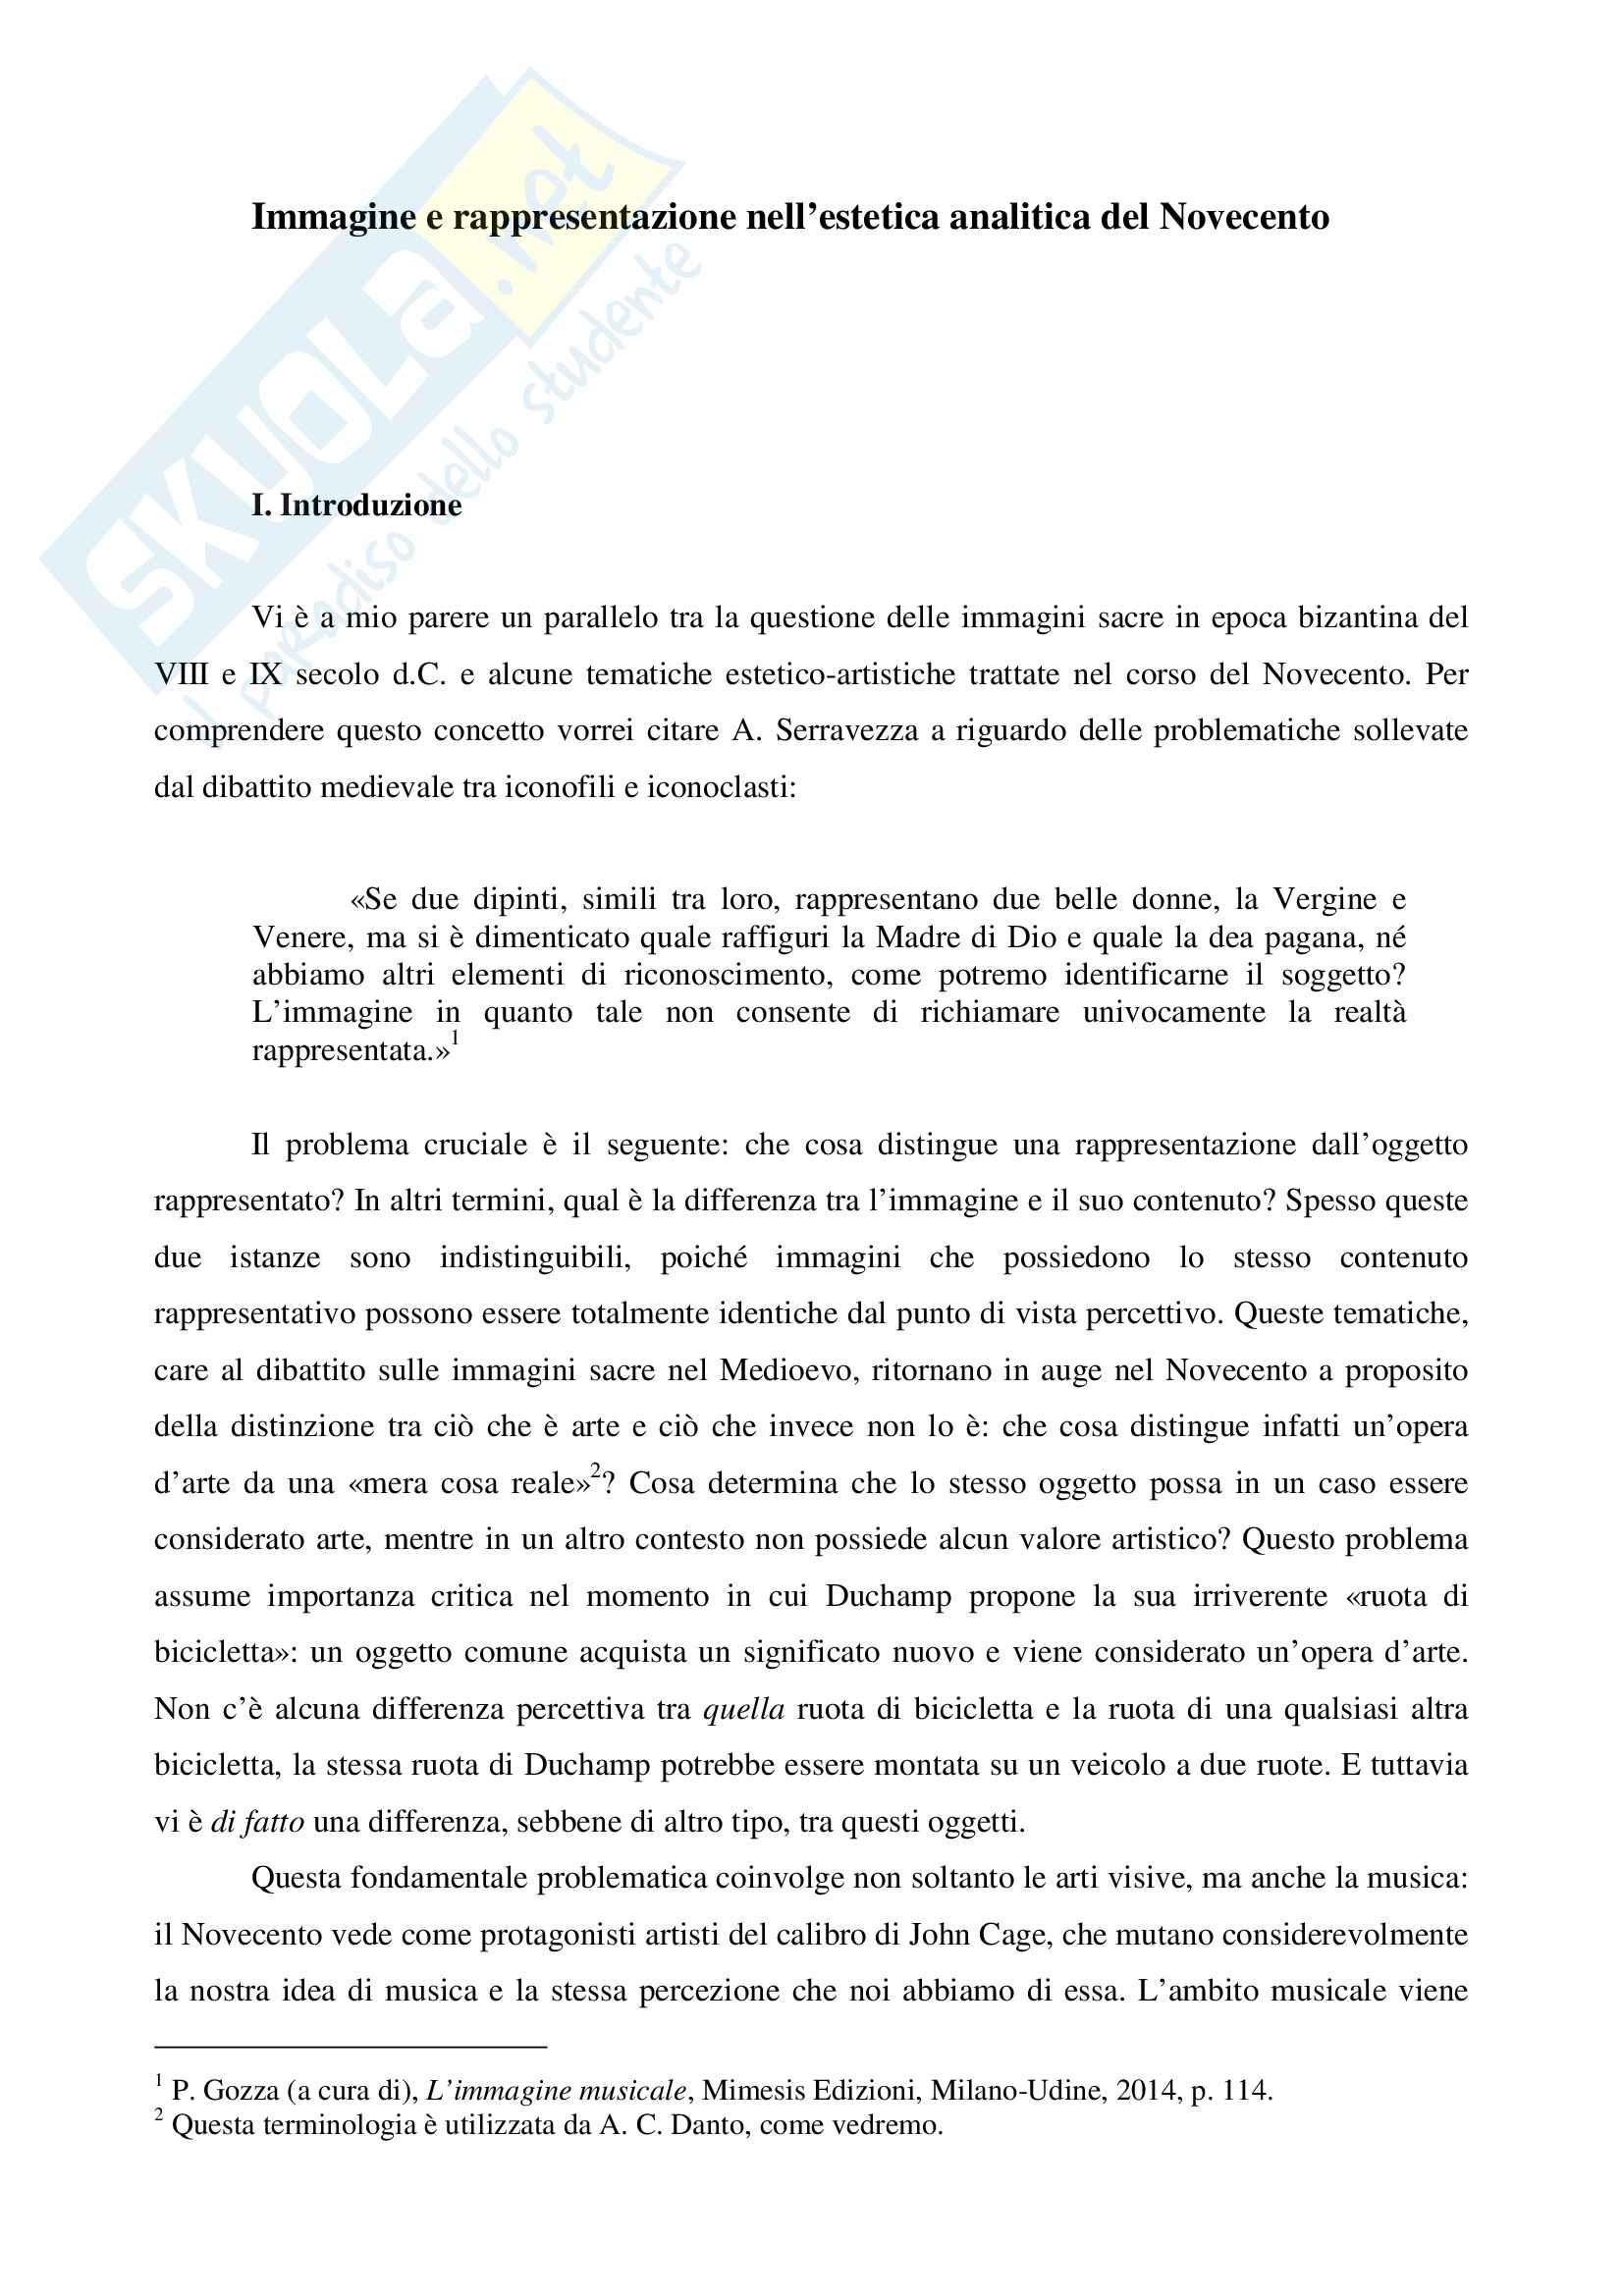 Elaborato di Filosofia della Musica, prof. Gozza, libro consigliato L'immagine musicale, Gozza